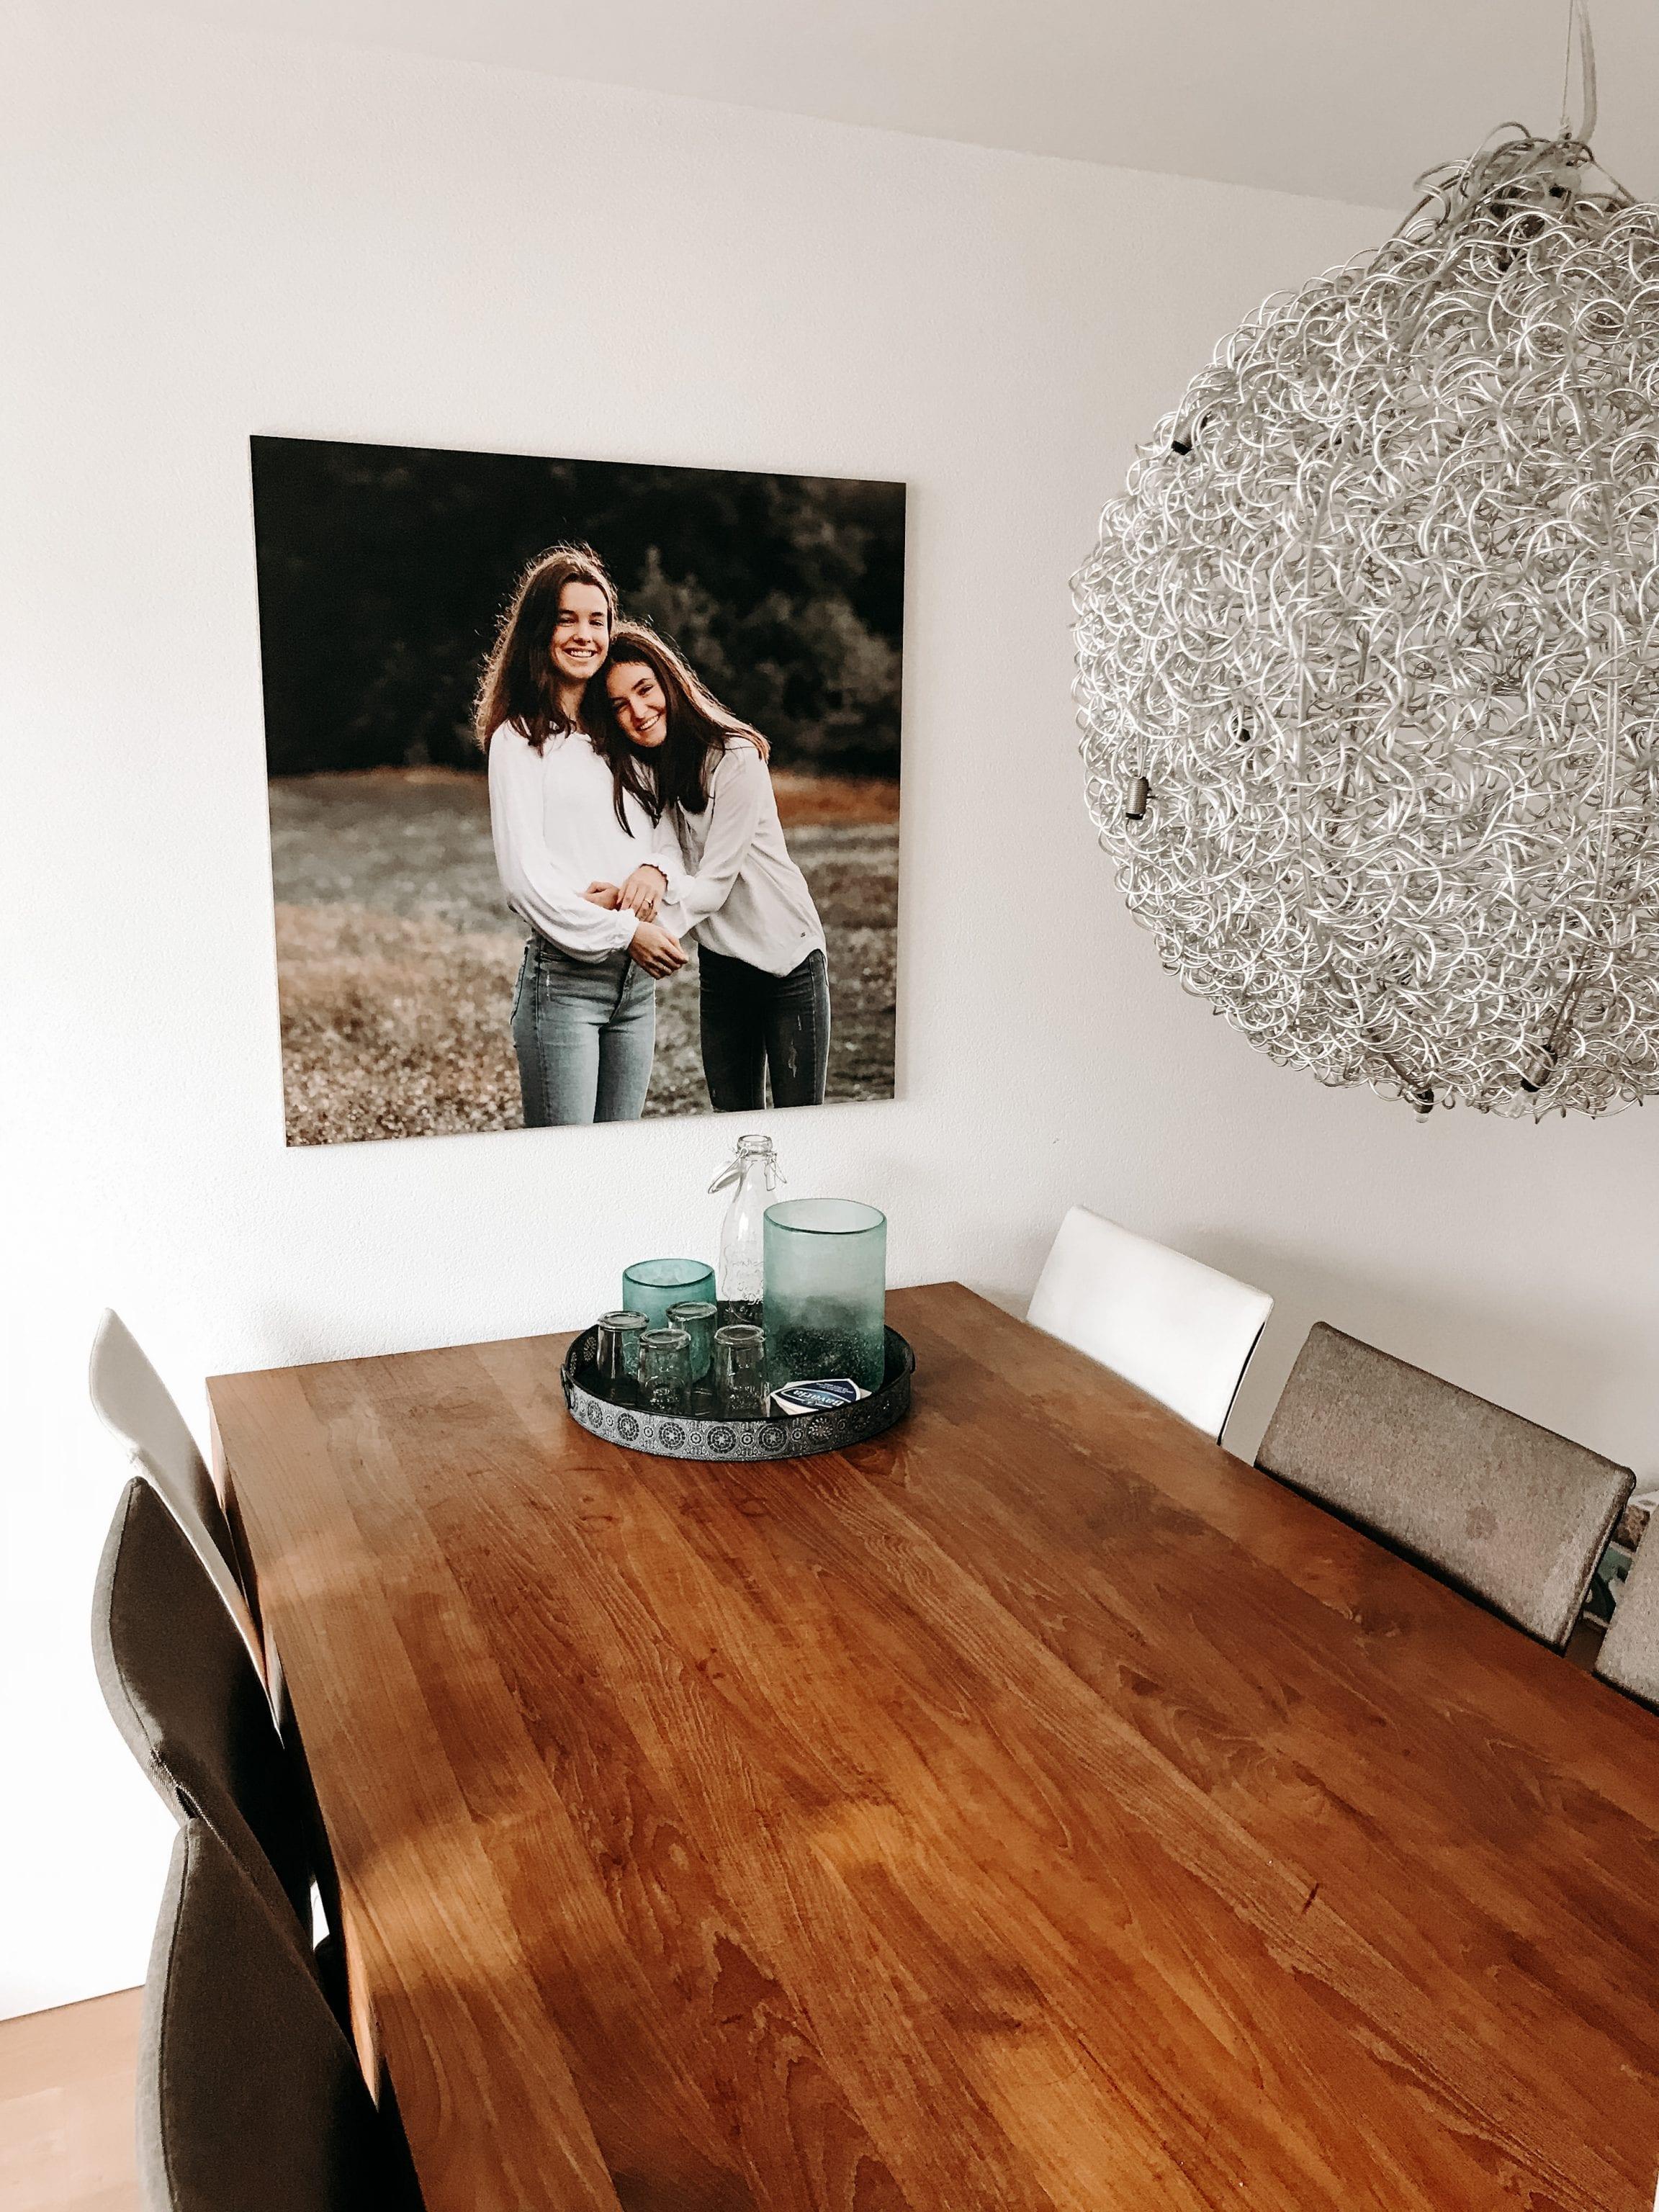 interieur foto van een groot fotoprint op de witte muur, met foto van twee zusjes genomen op een zussen fotosessie